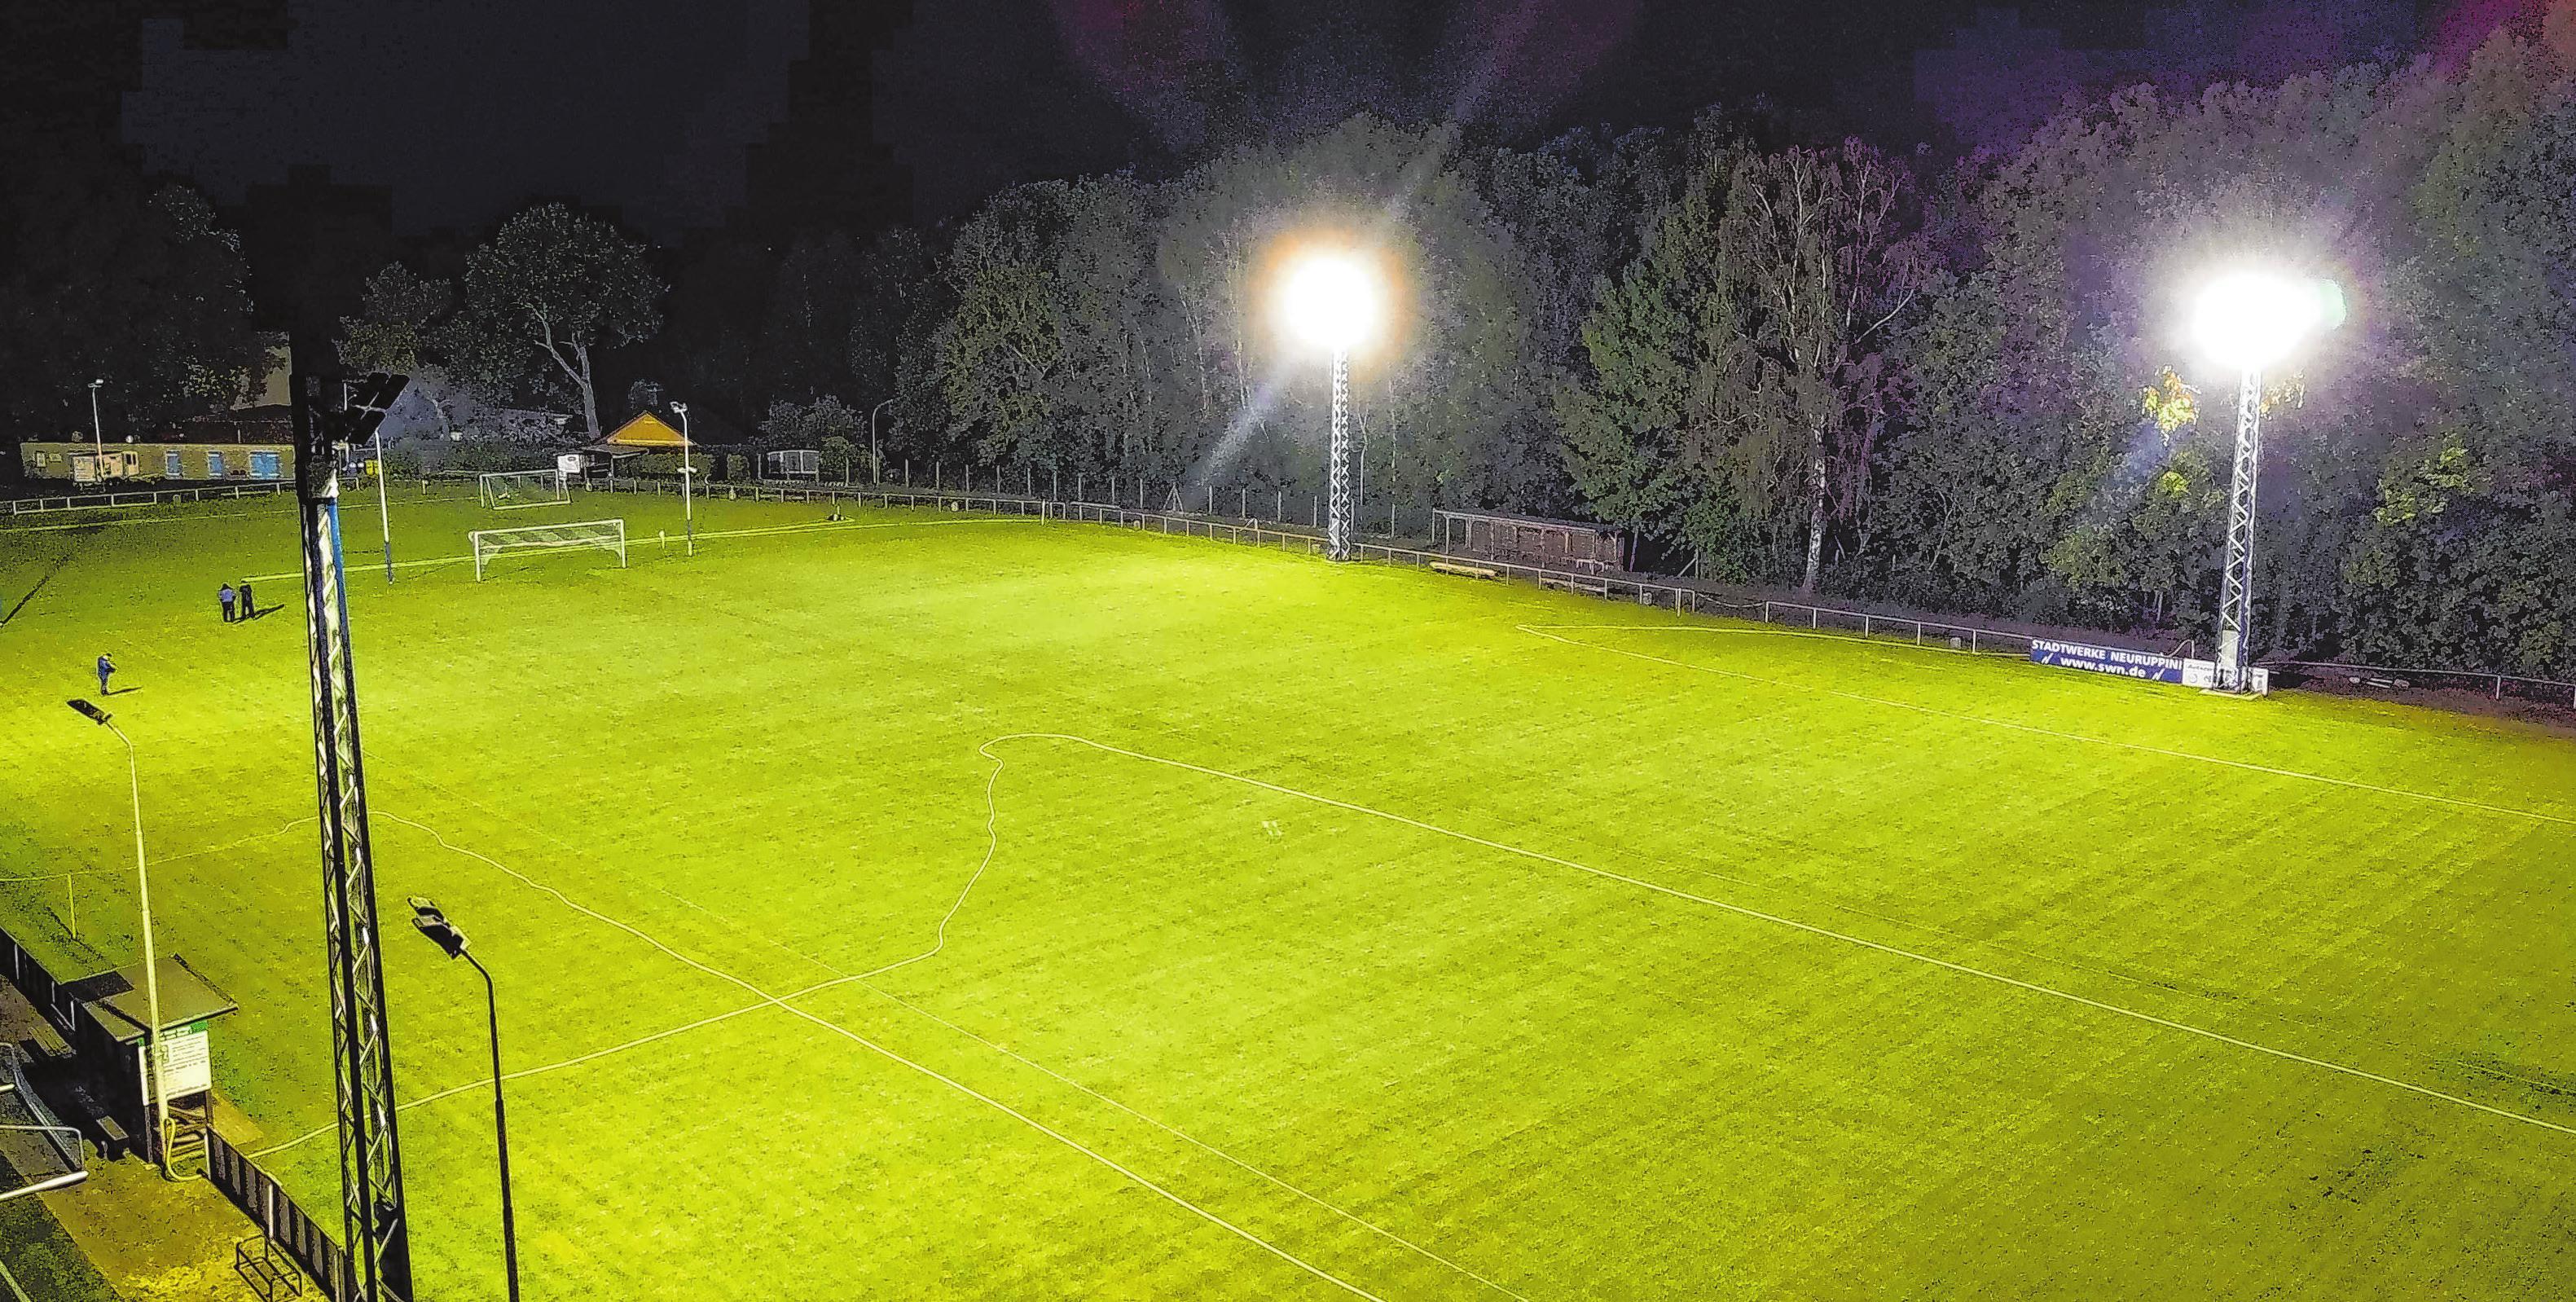 Das Flutlicht auf dem Hauptplatz des Sportplatzes in Gildenhall ist die neueste Errungenschaft des SV Union. Ein klassisches Beispiel für den schrittweisen Fortschritt, je nach bestehenden Möglichkeiten. Foto: Steven Kranz